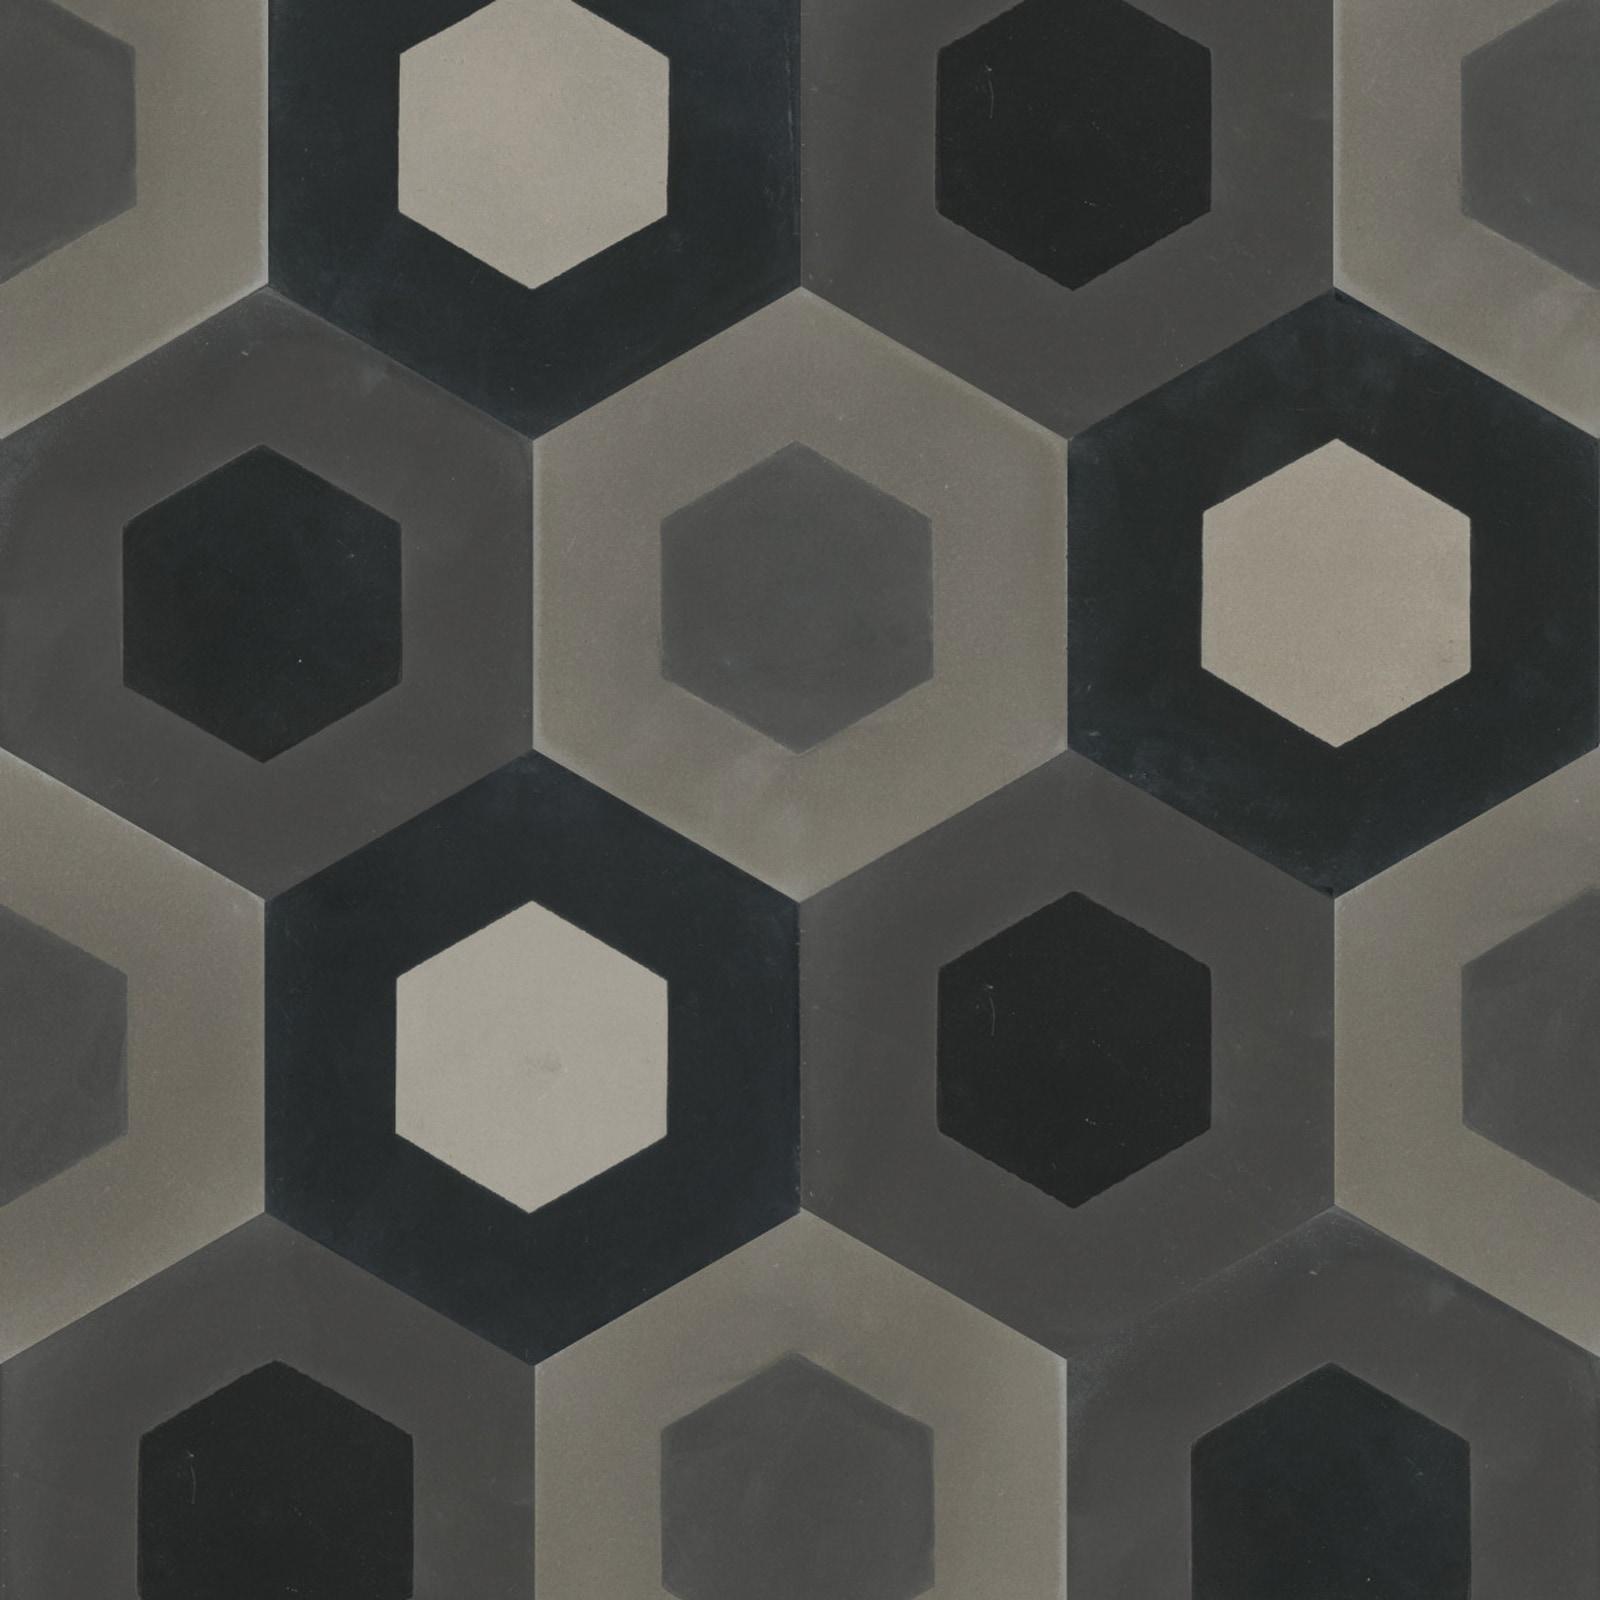 VIA-Zementmosaikplatten-nummer-600560-600561-600554-verlegemuster-VIA-GmbH | 600561